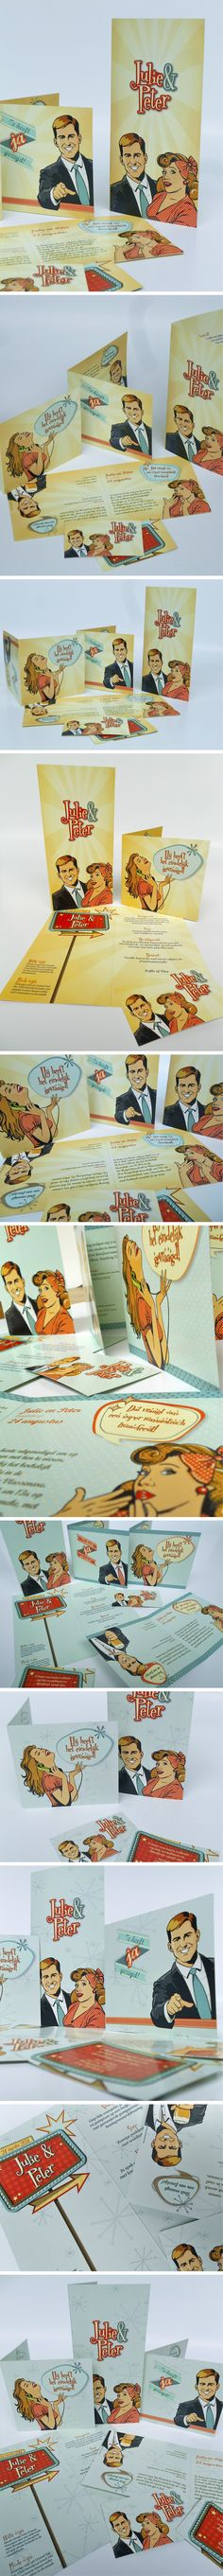 #Trouwkaarten in #fifties stijl. Bruid vooraan, bruidegom 180° gedraaid achteraan. Exclusief verkrijgbaar bij http://www.kaartencolectie.be